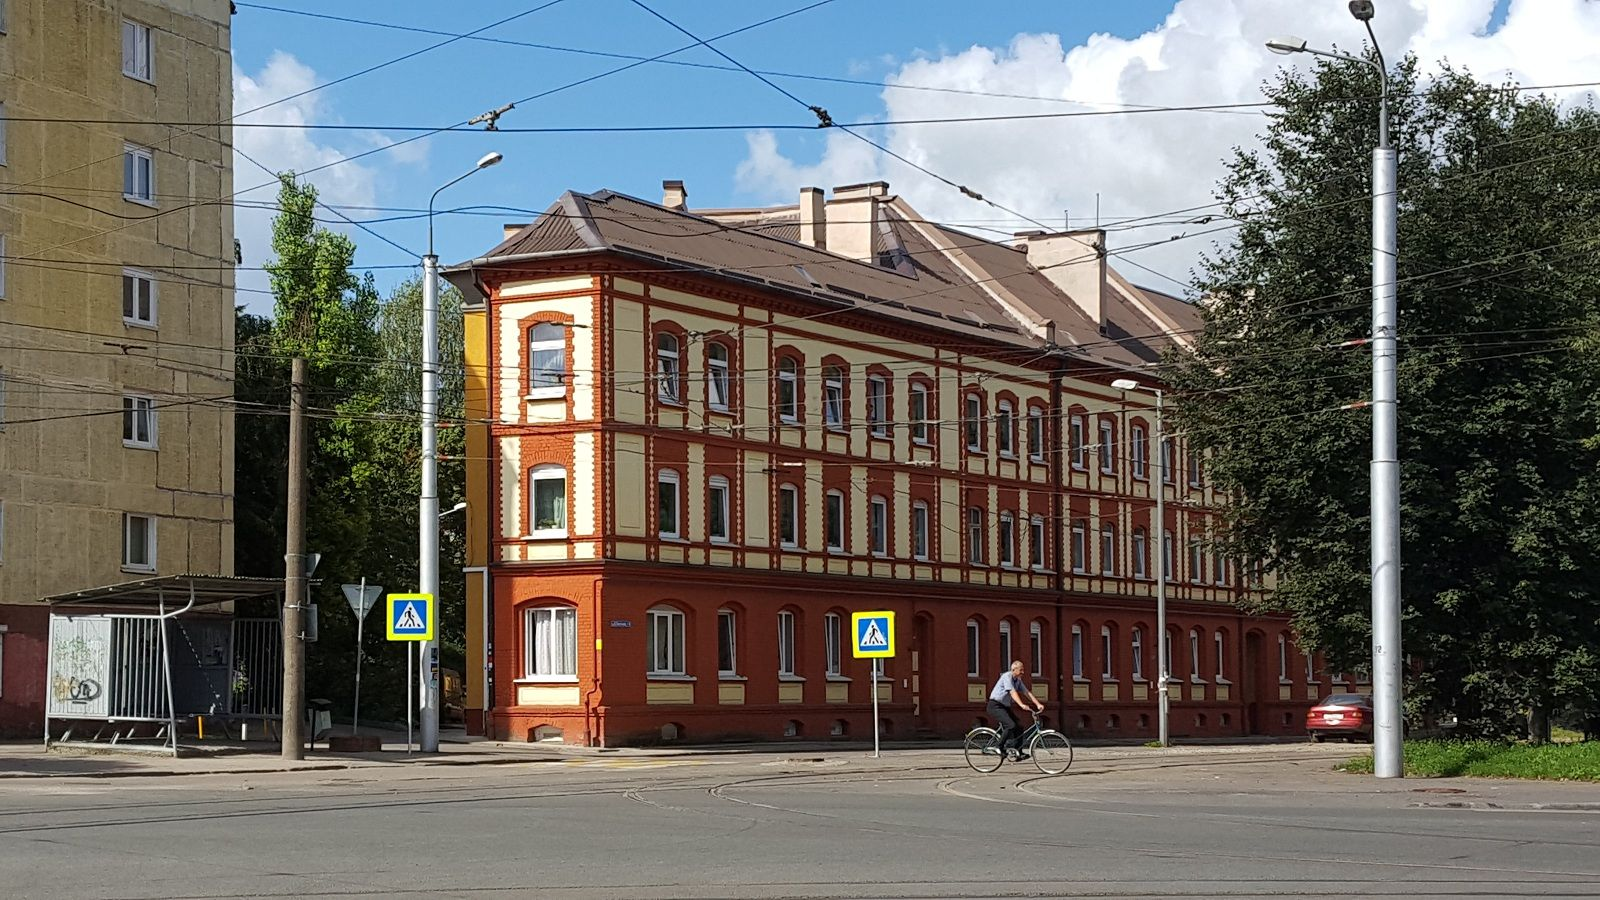 Как я провела свой день рождение, я покажу вам летний Калининград, фото 26